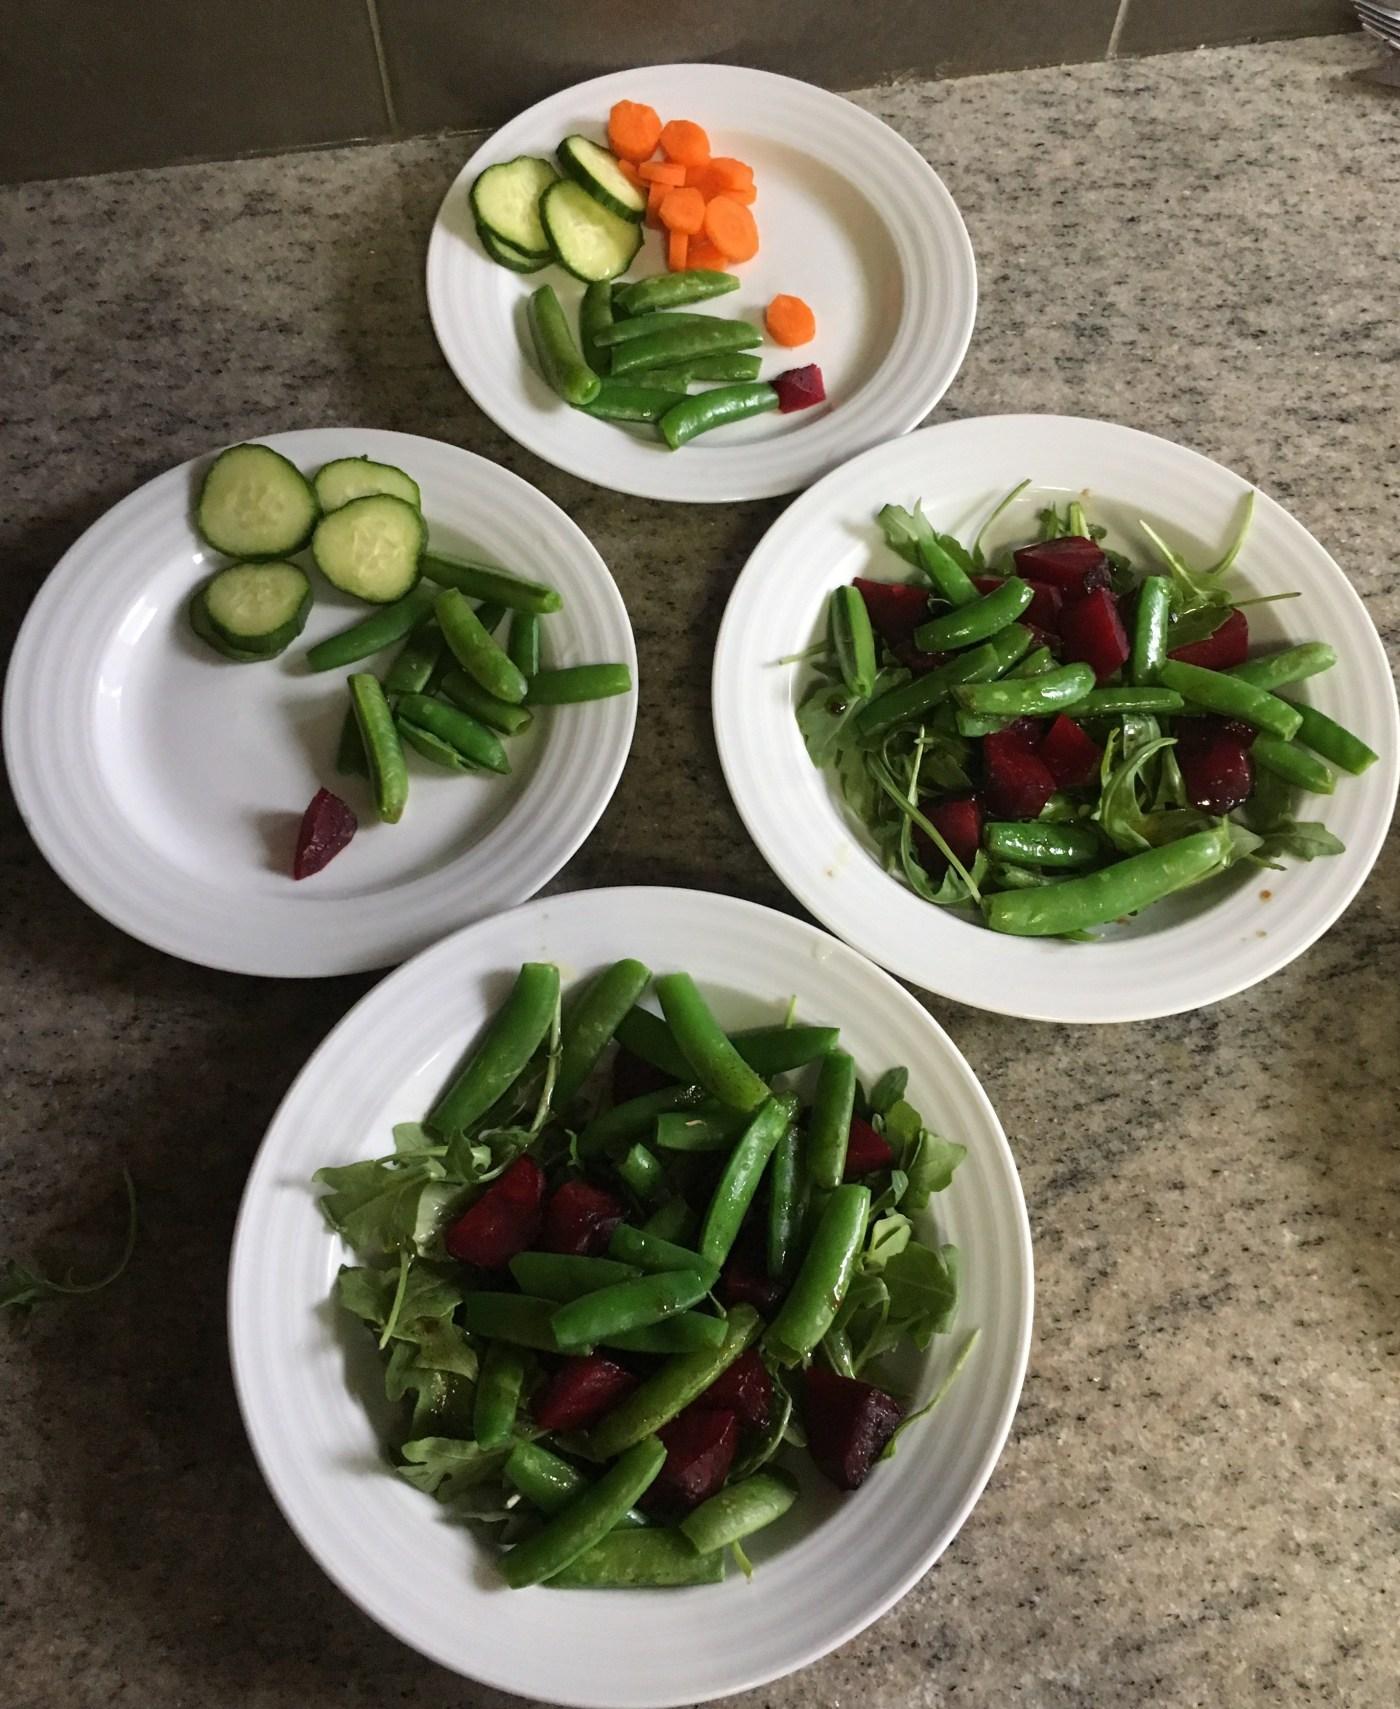 Roast beet, snap pea and arugula salad picture.